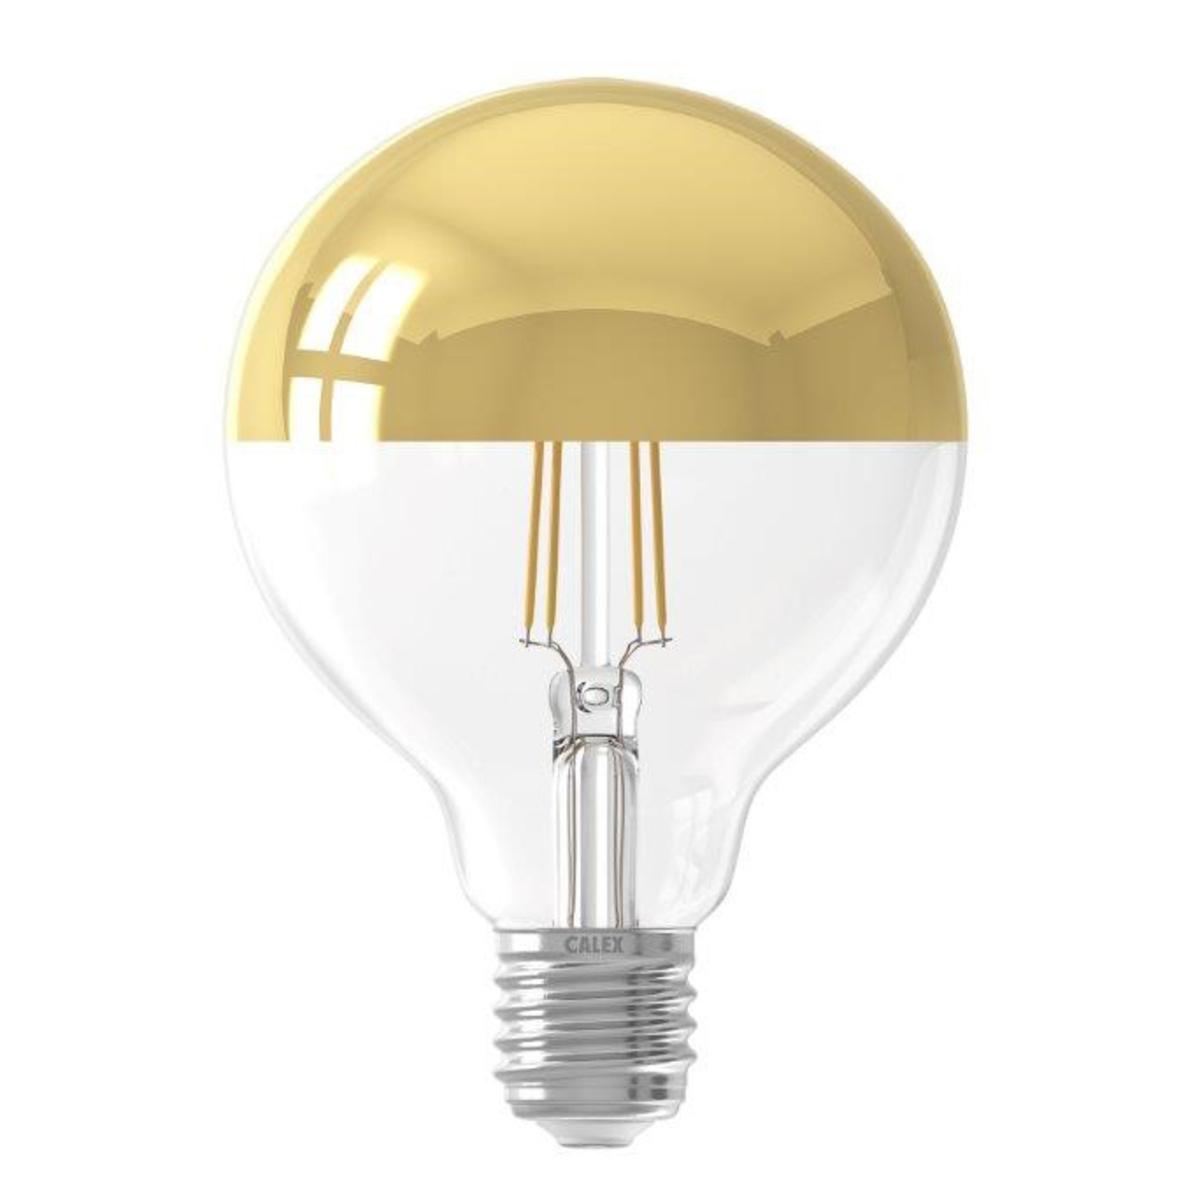 Ampoule filament décorative en verre blanc